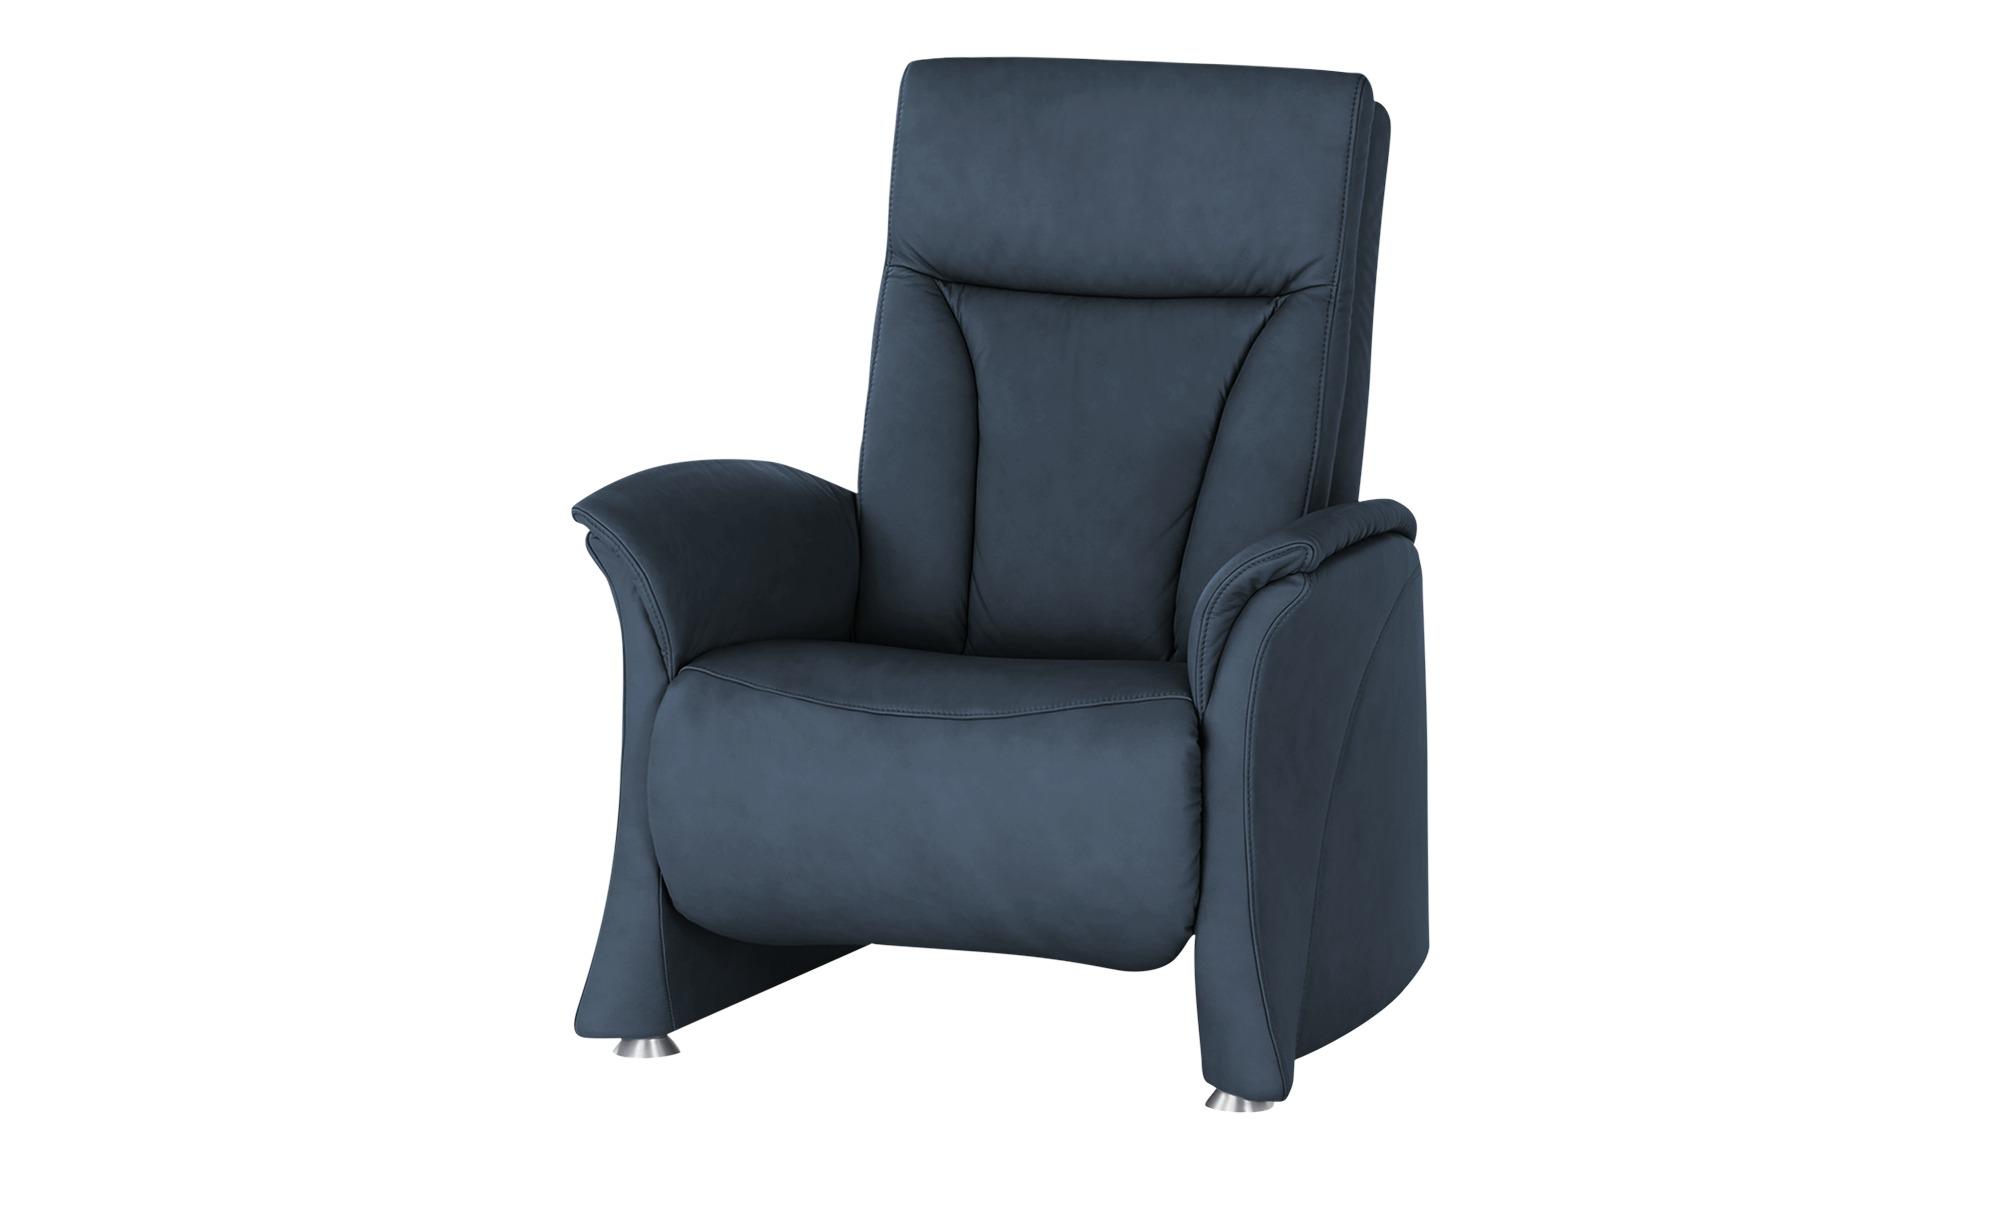 himolla Sessel  4010 ¦ blau ¦ Maße (cm): B: 75 H: 108 T: 88 Polstermöbel > Sessel > Ledersessel - Höffner